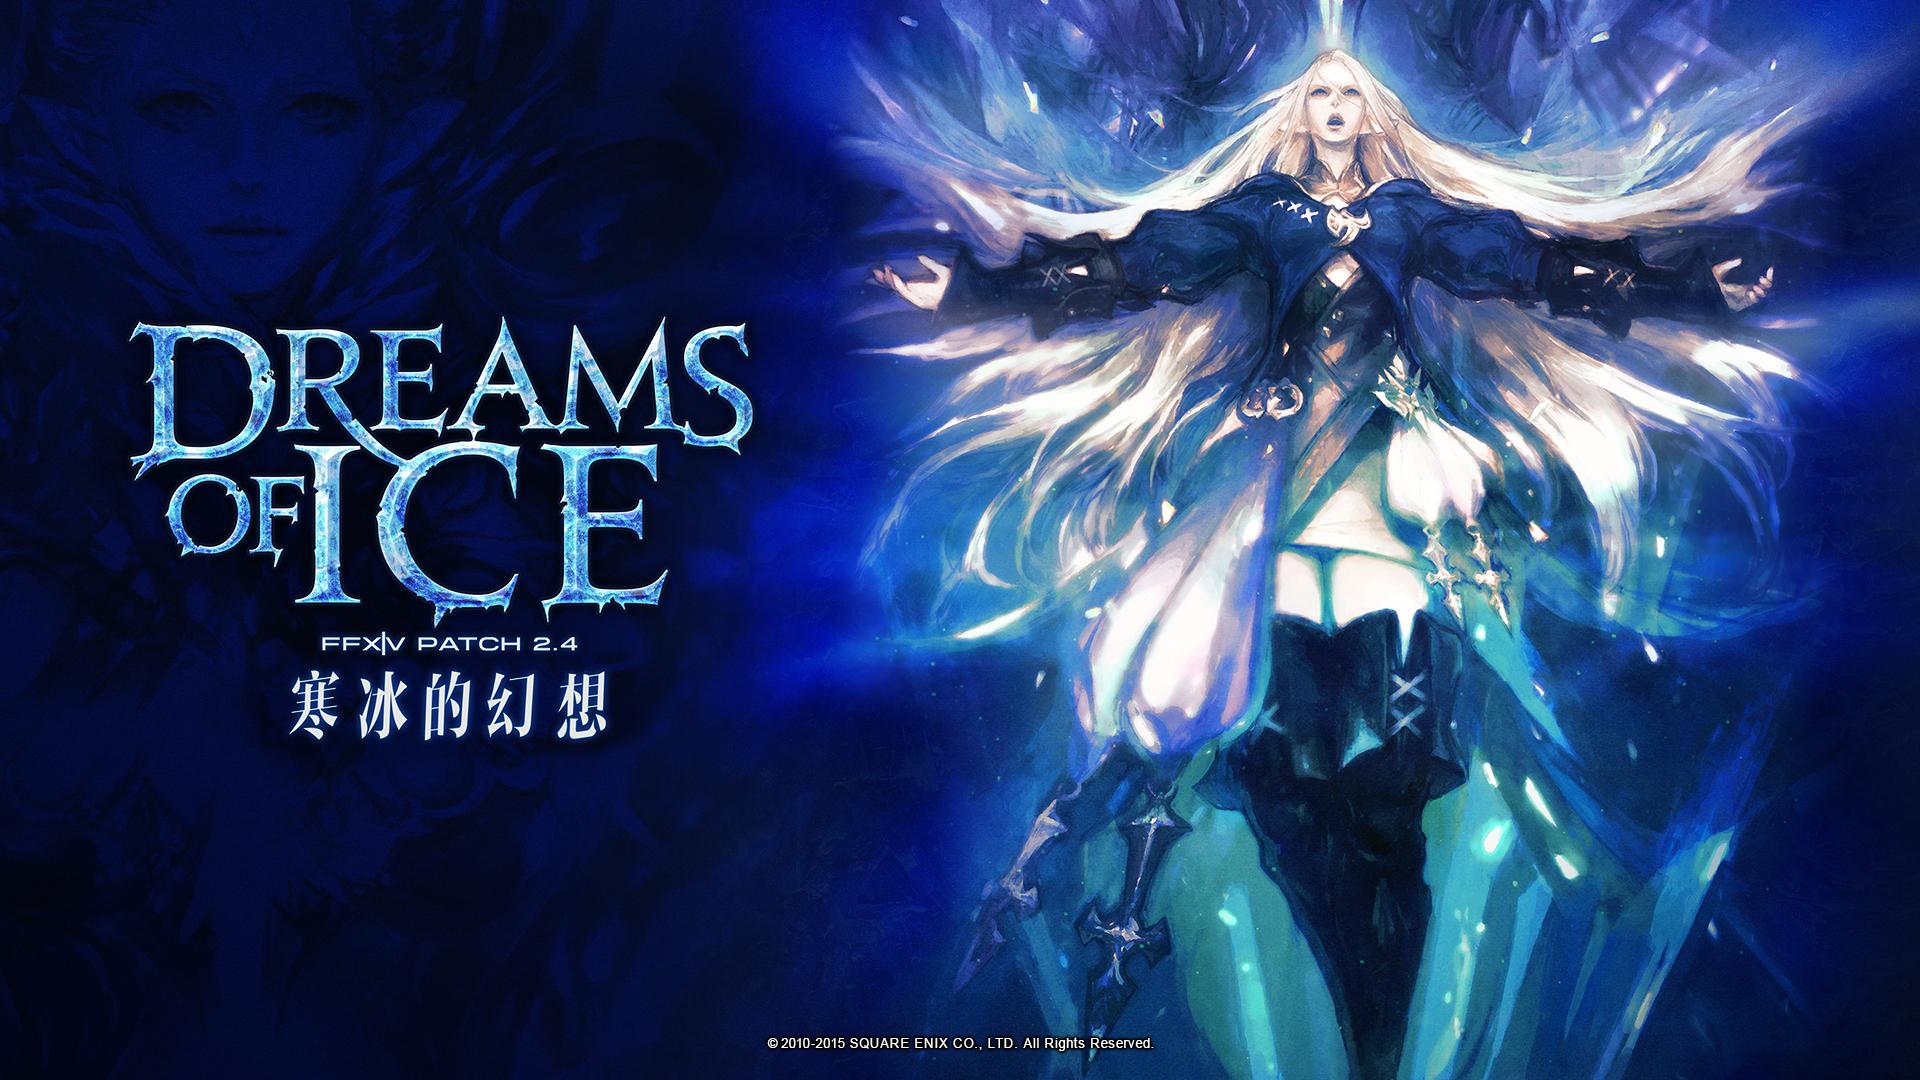 2.4版本主题壁纸更新 FF14官方高清壁纸下载最终幻想14 最终幻想14